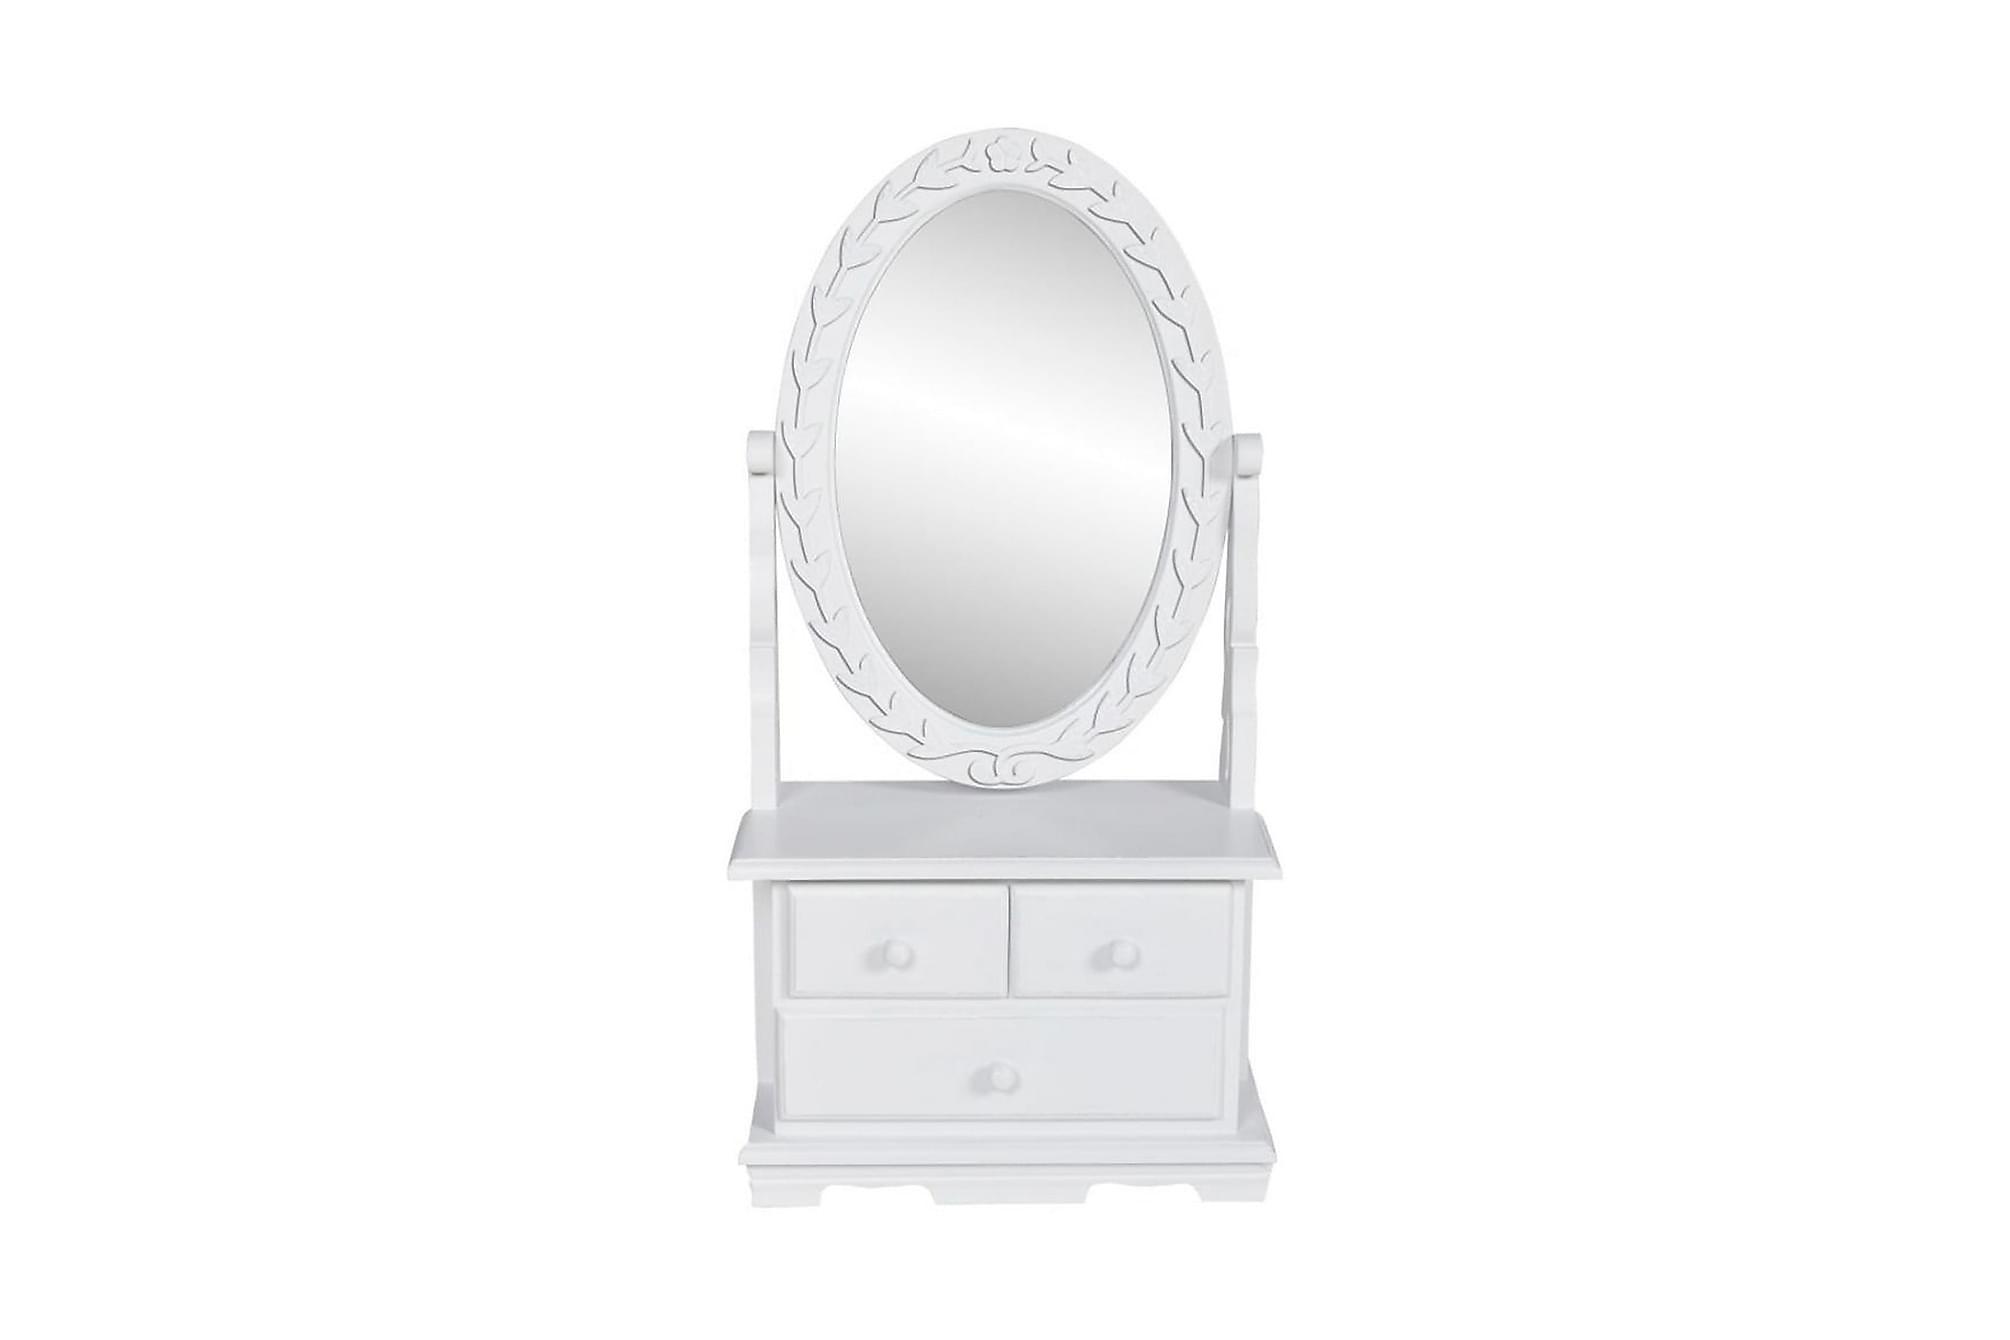 Bordsspegel med justerbar oval spegel MDF, Sminkbord